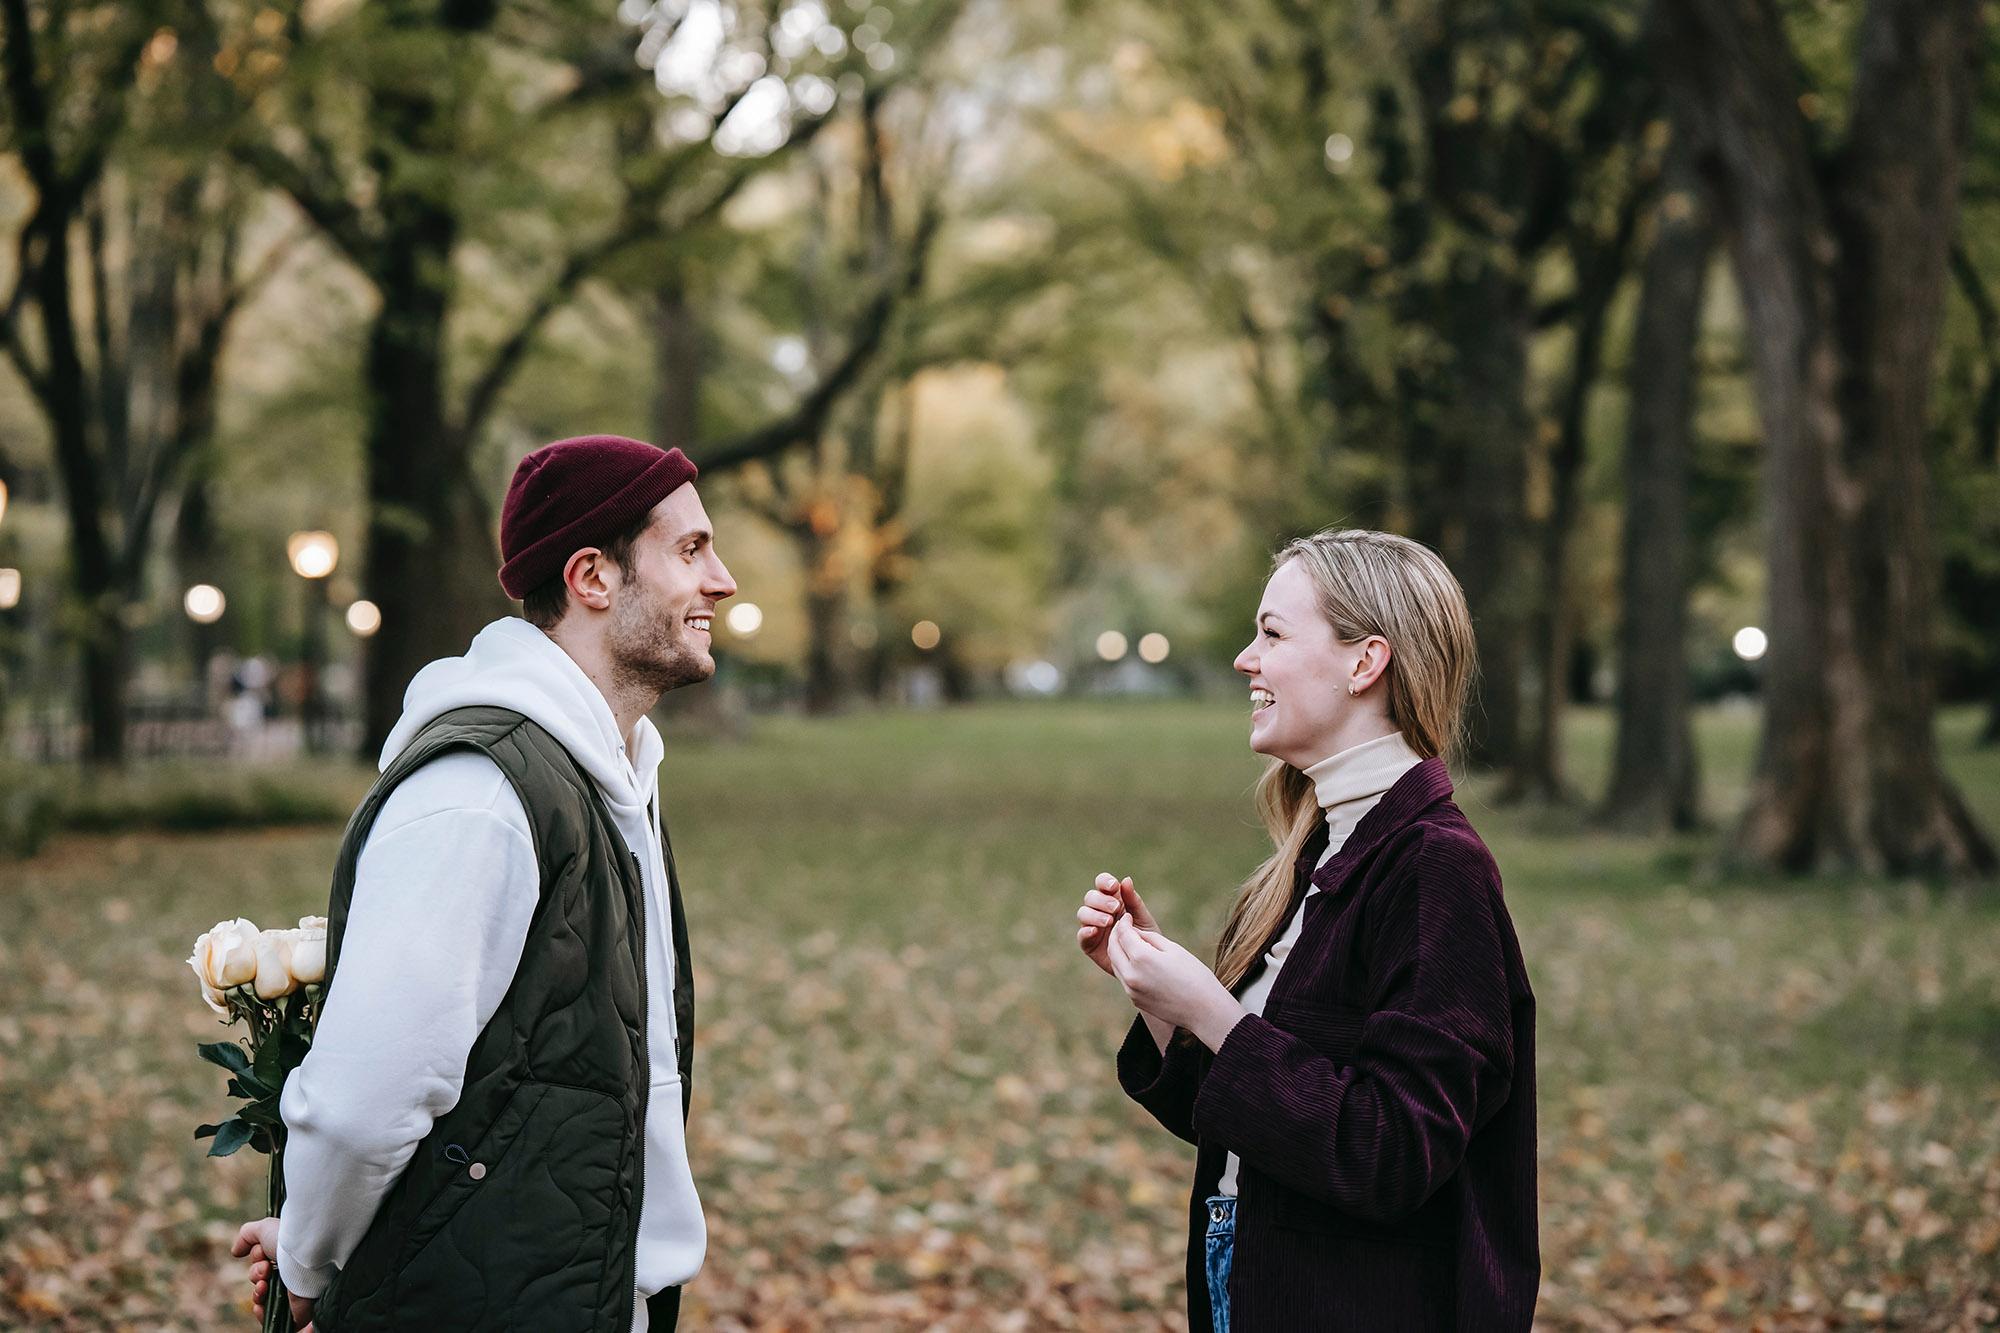 Cặp đôi hẹn hò tại công viên